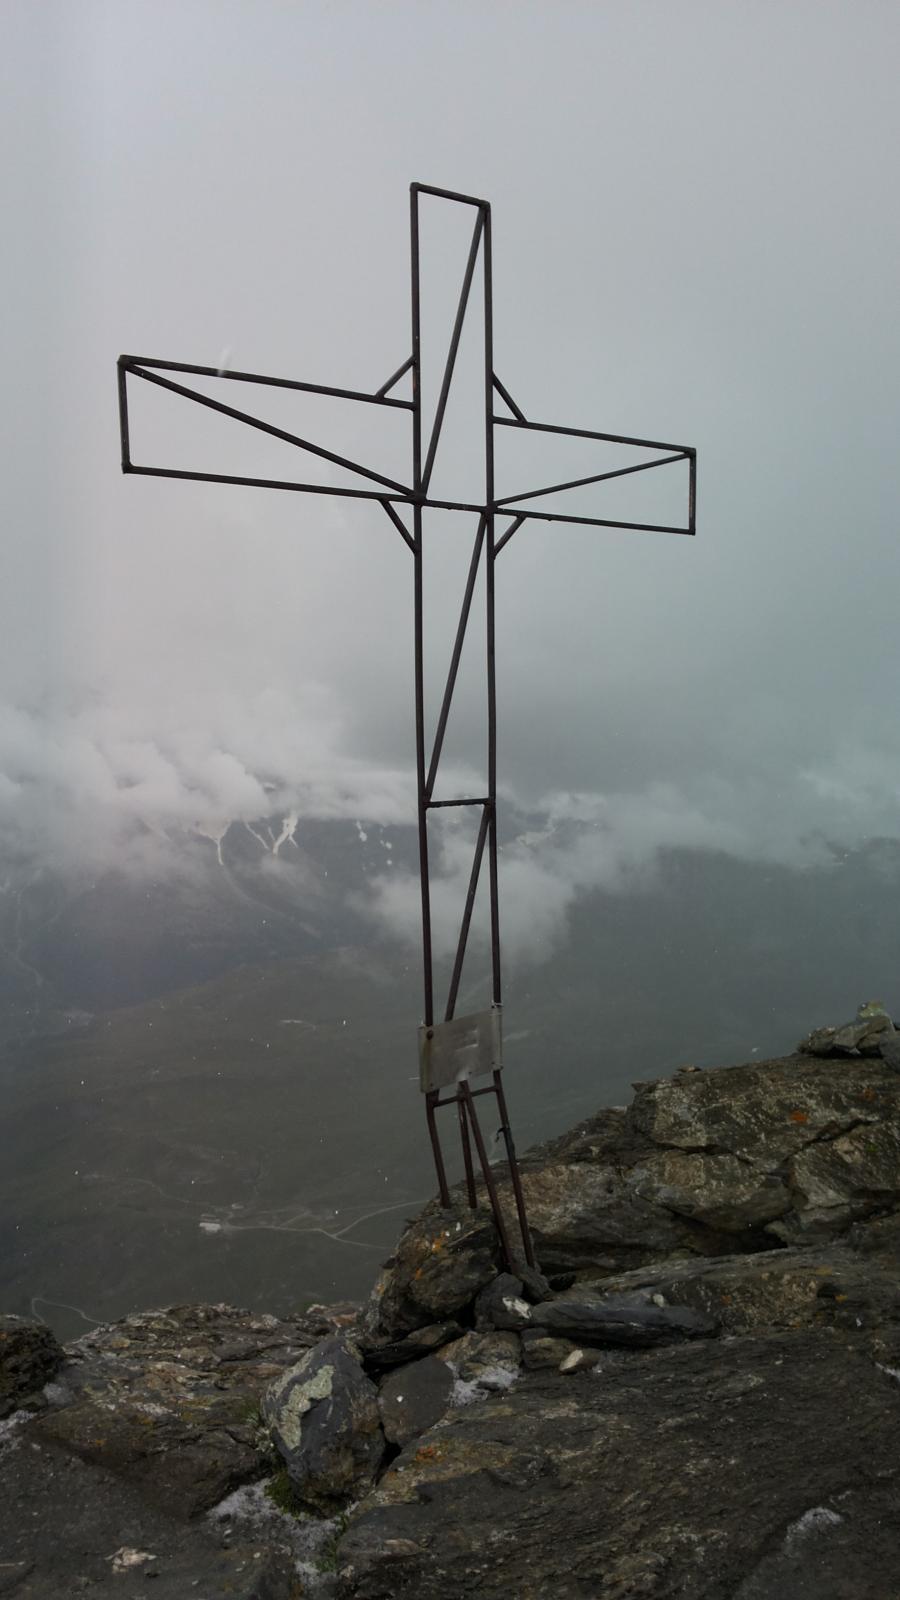 sinistri crepitii elettrici dalla croce